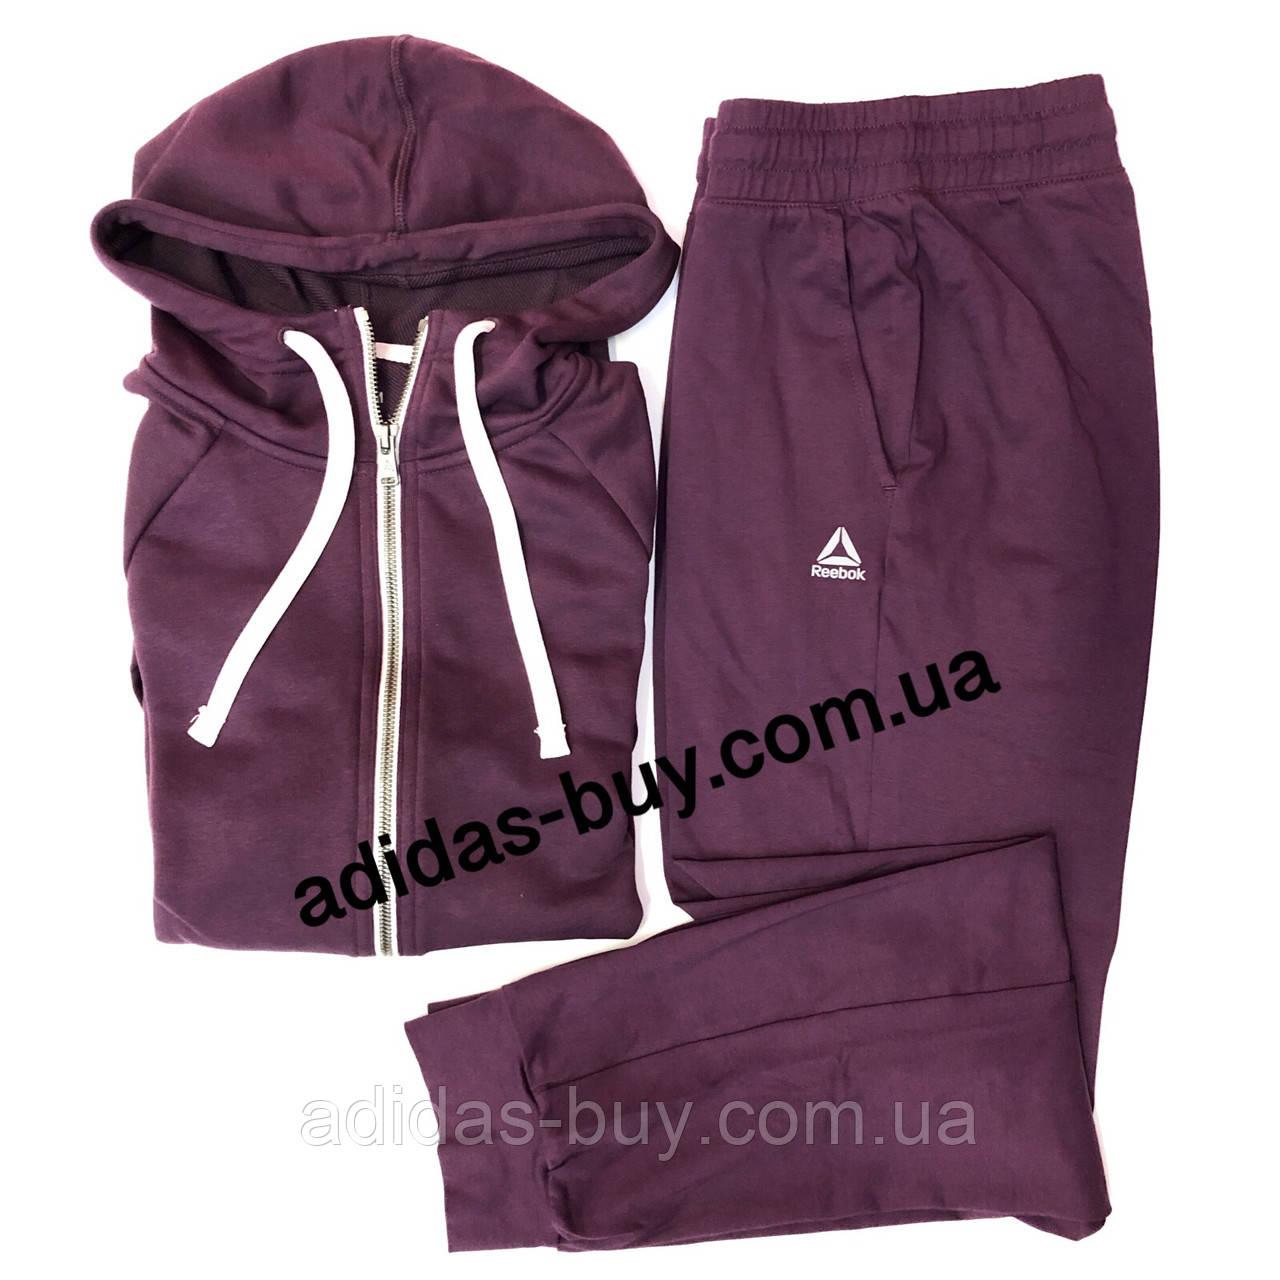 Костюм женский оригинальный джемпер и штаны Reebok DU4895 цвет: бордовый сезон:весна